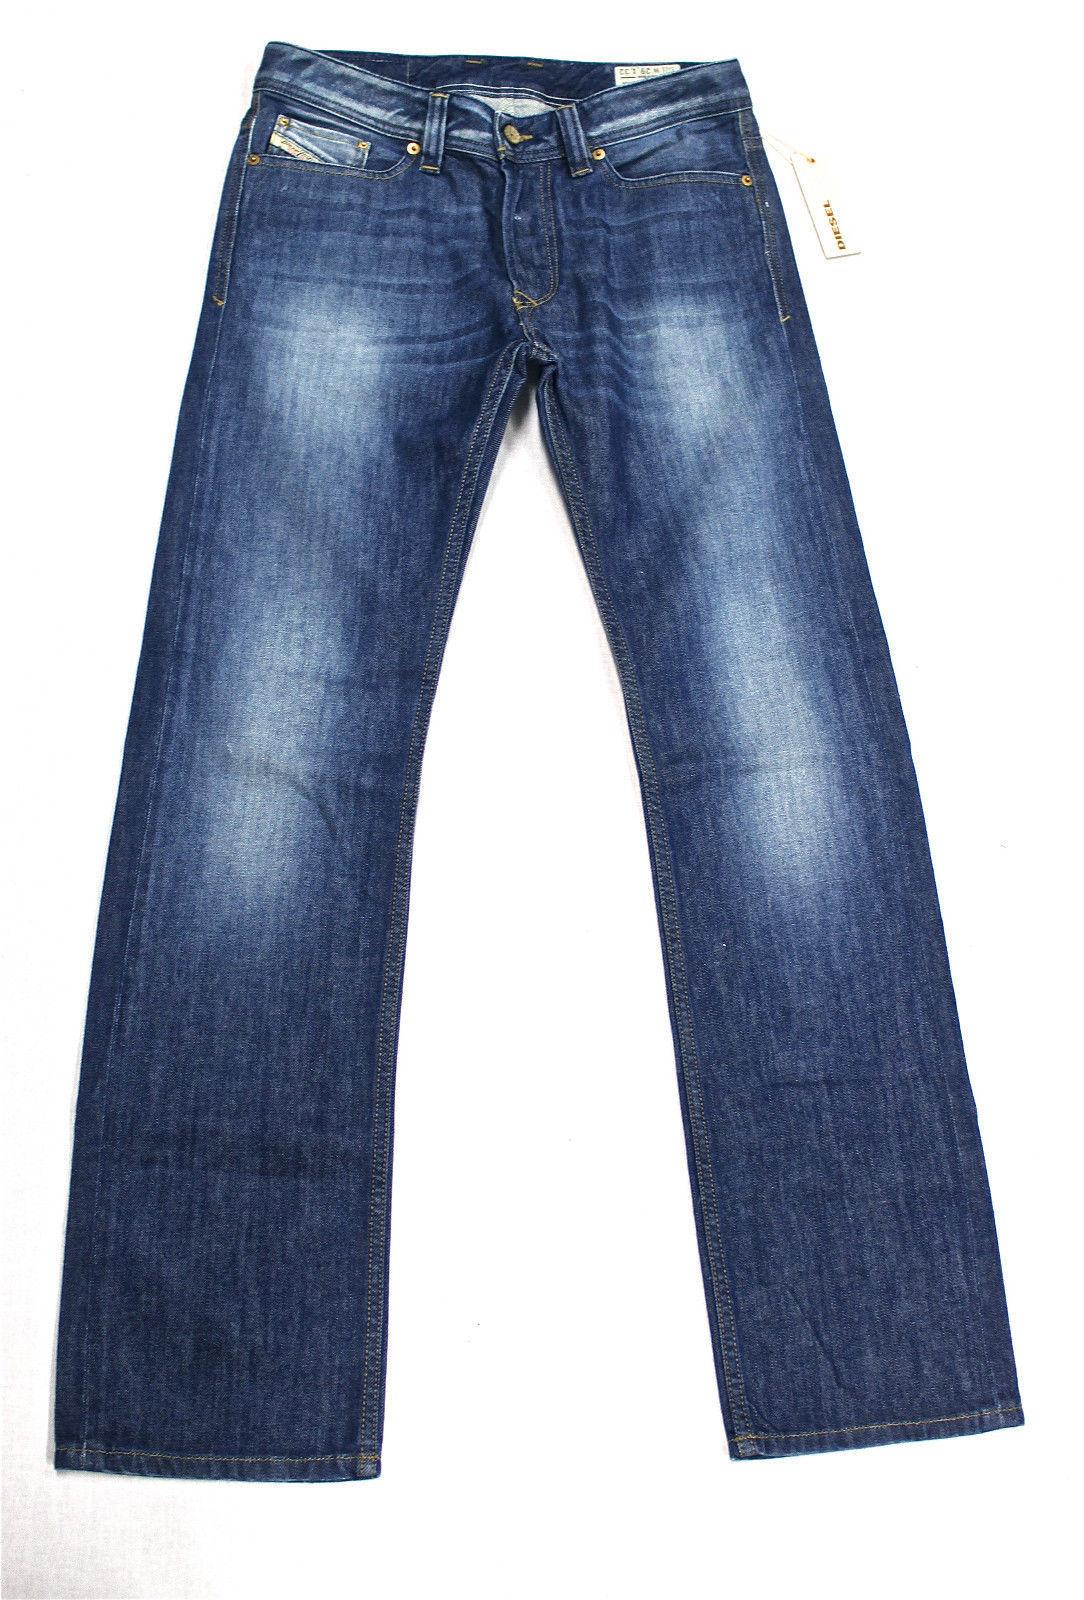 DIESEL Nuovo di Zecca Viker 8X7 Jeans 008X7 29X32 Regular Fit Straight Leg NUOVO CON ETICHETTA